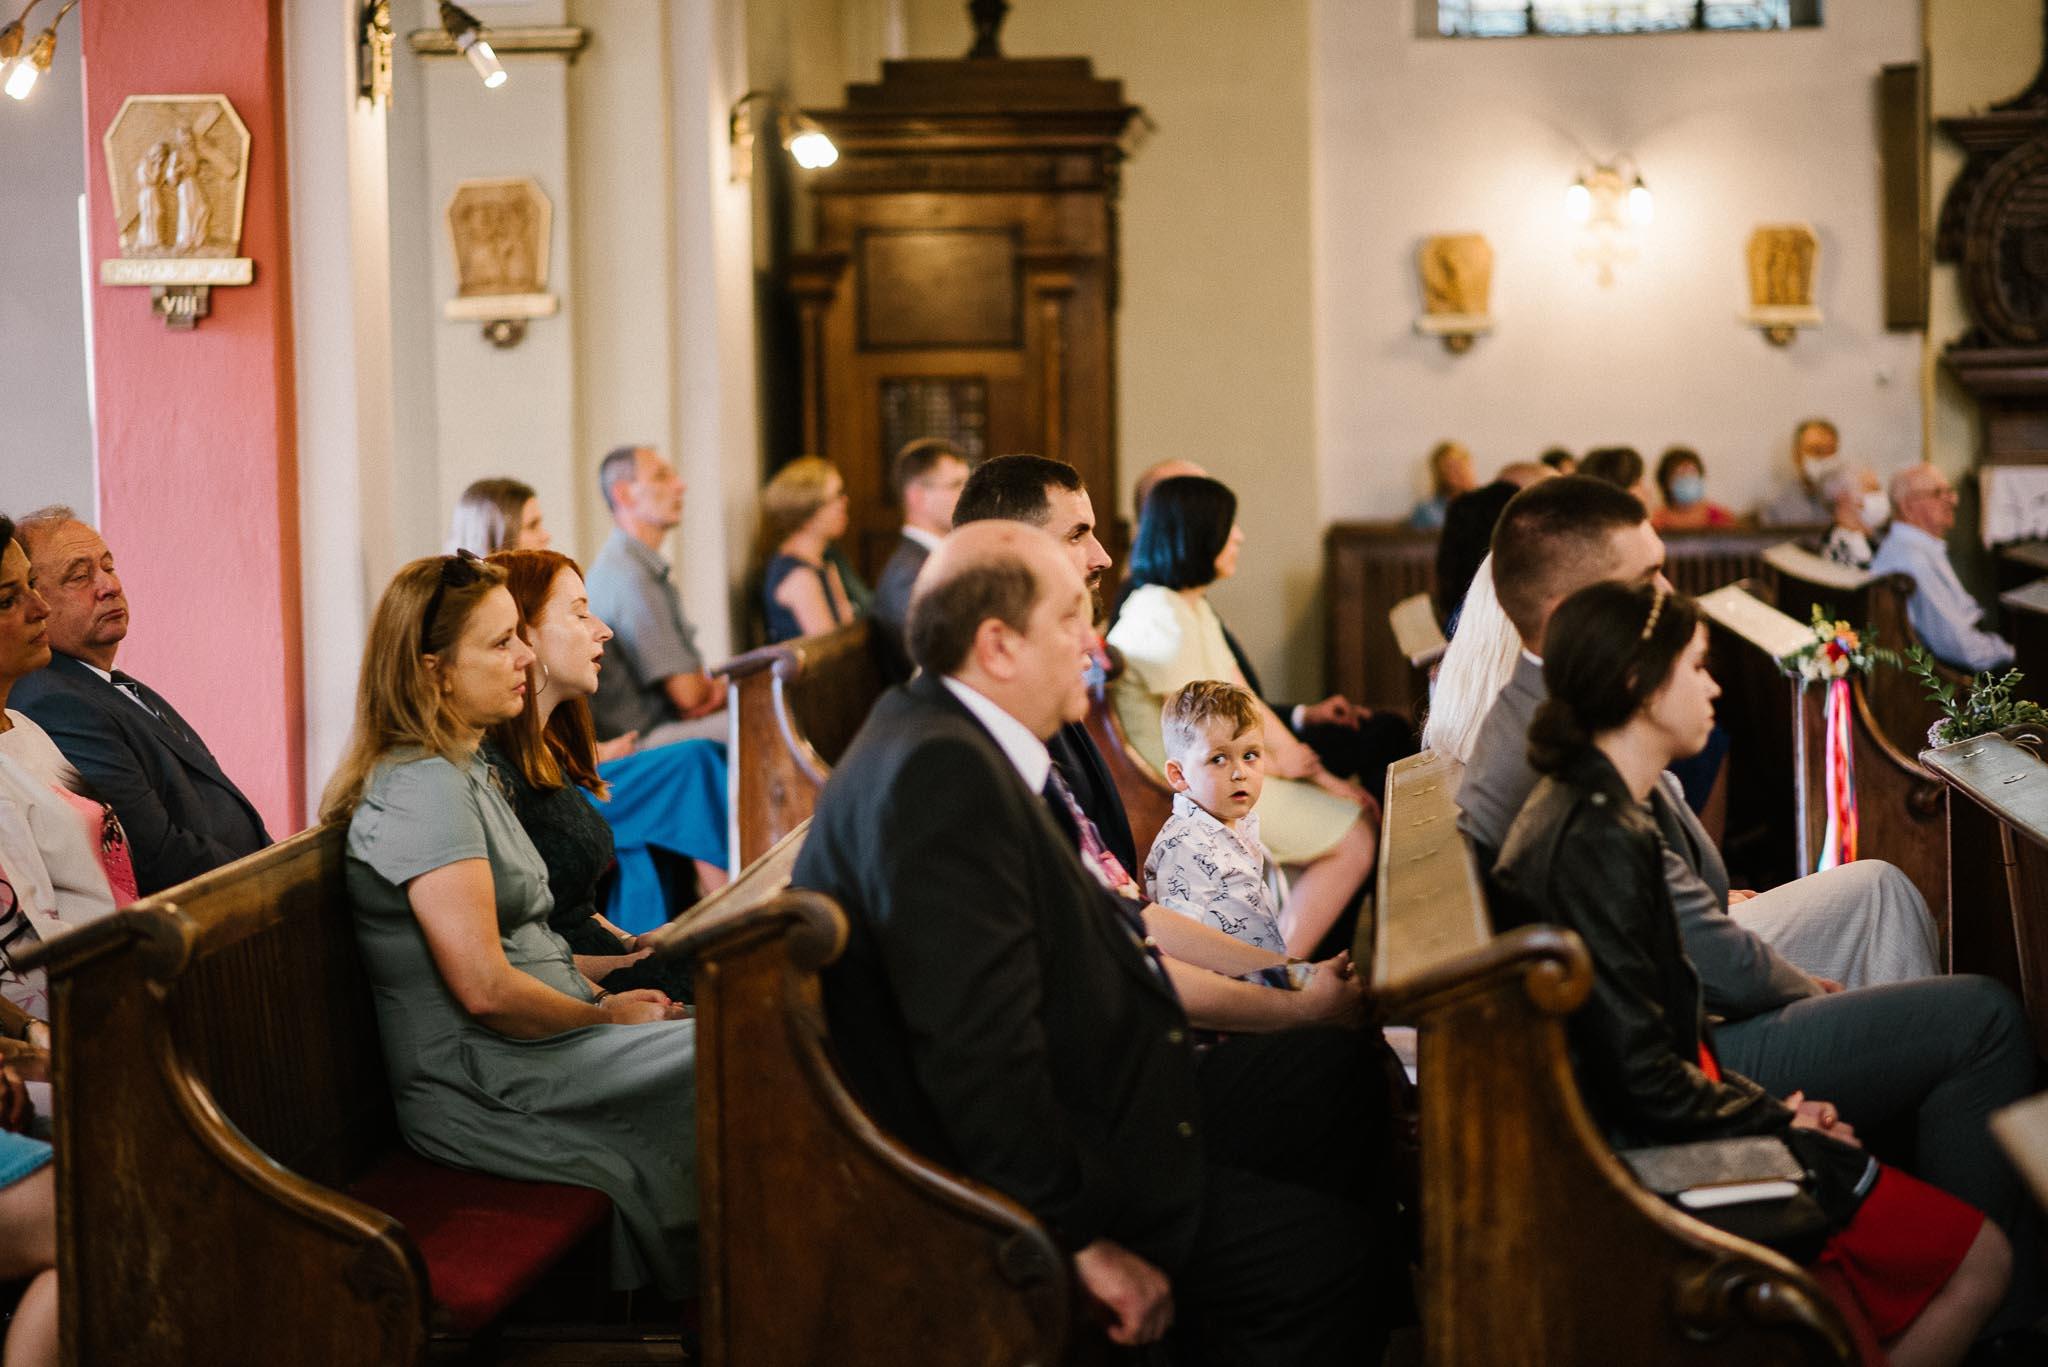 Goście w kościele na ślubie - ślub w stodole Dyrkowo